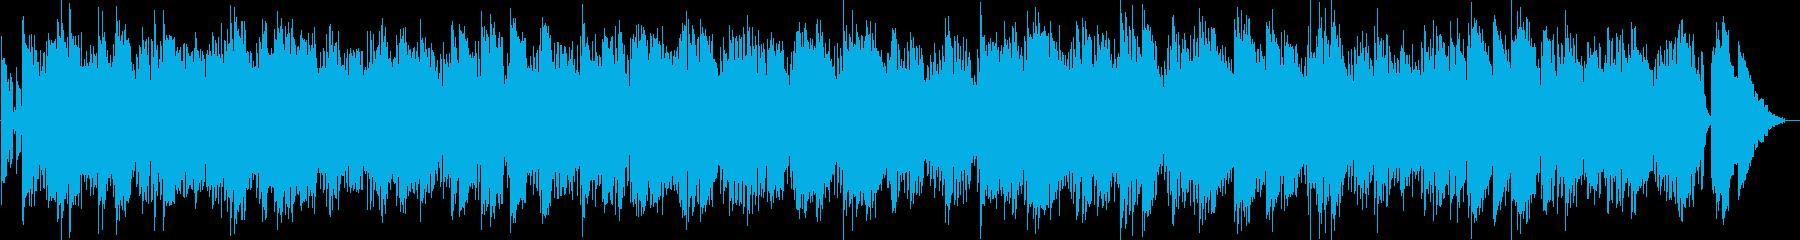 ムード満点のリラクゼーションミュージックの再生済みの波形